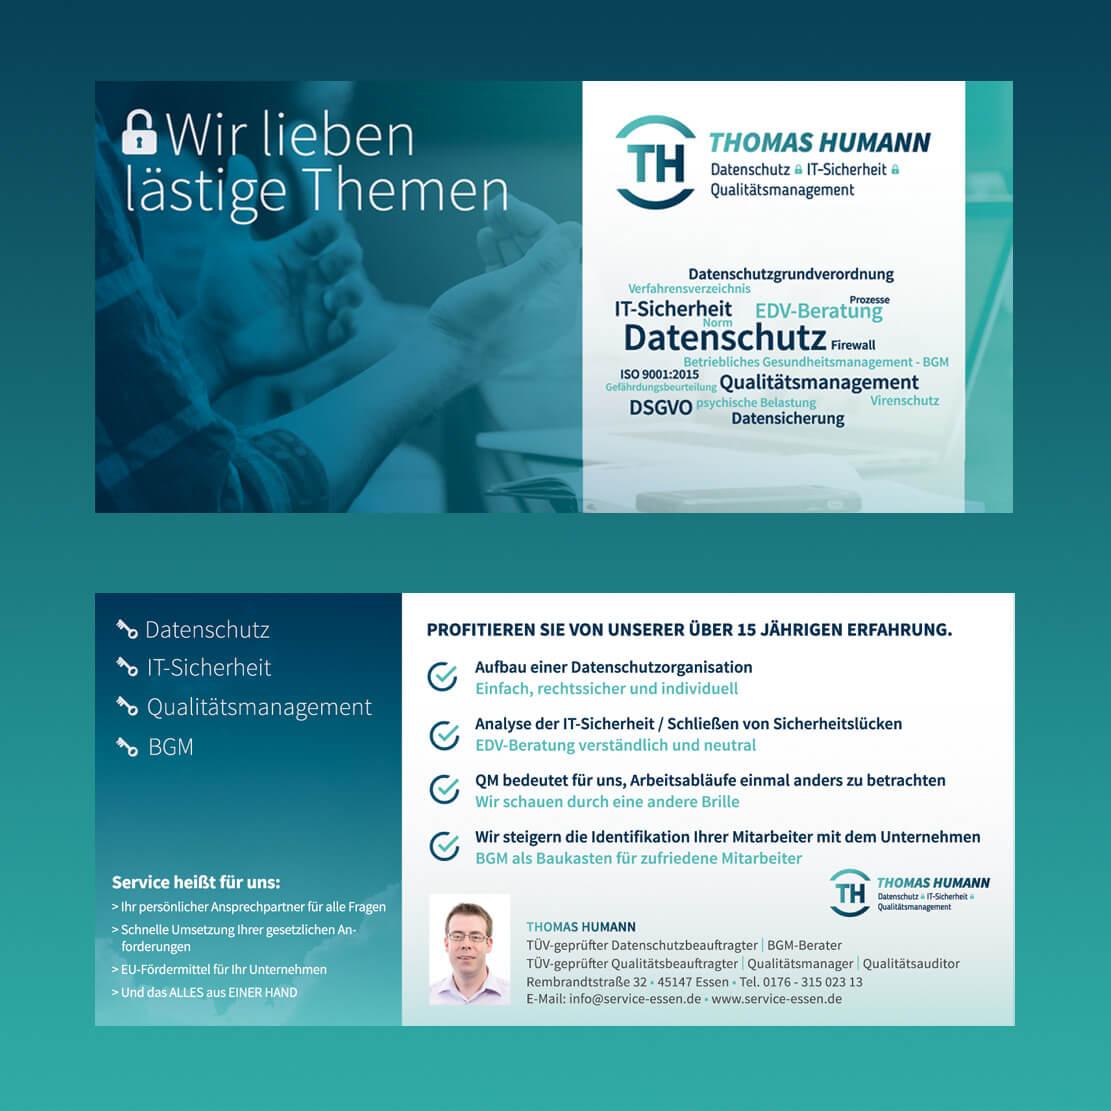 mediadesign linke portfolio - Thomas Humann Service-essen.de | Logogestaltung, Webdesign, Printmedien Gestaltung von Flyer und Visitenkarten sowie Briefbogen